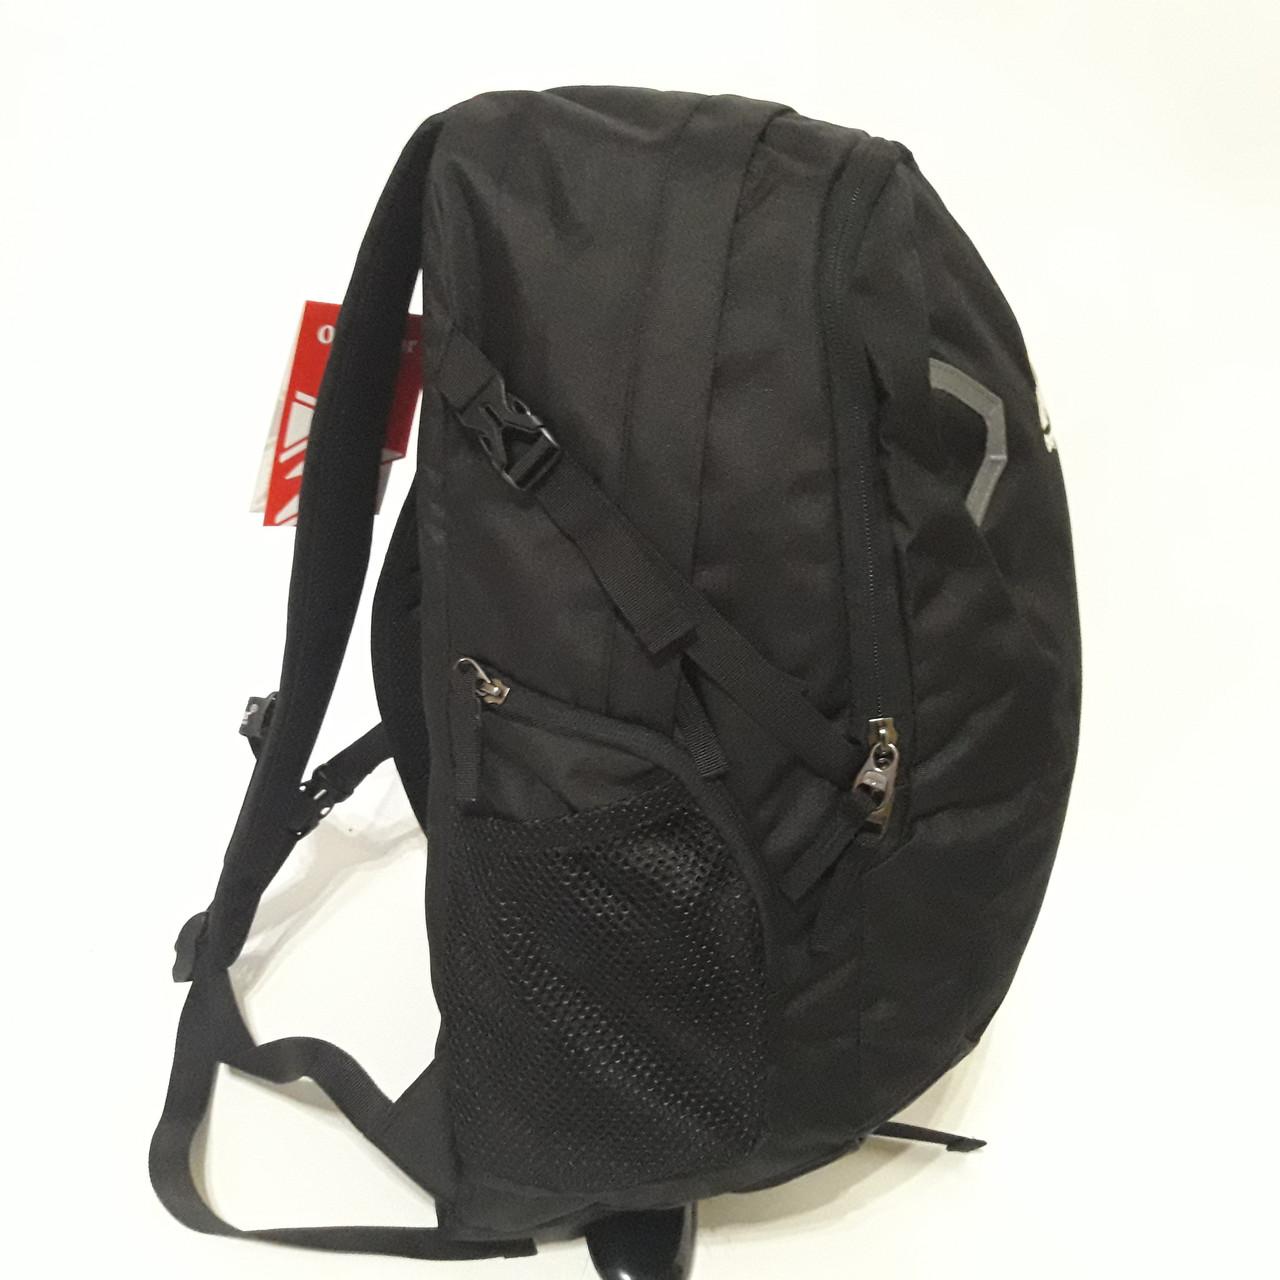 1aef83a6835f Мужской рюкзак One polar 25 л W1731 городской черный для ноутбука ...